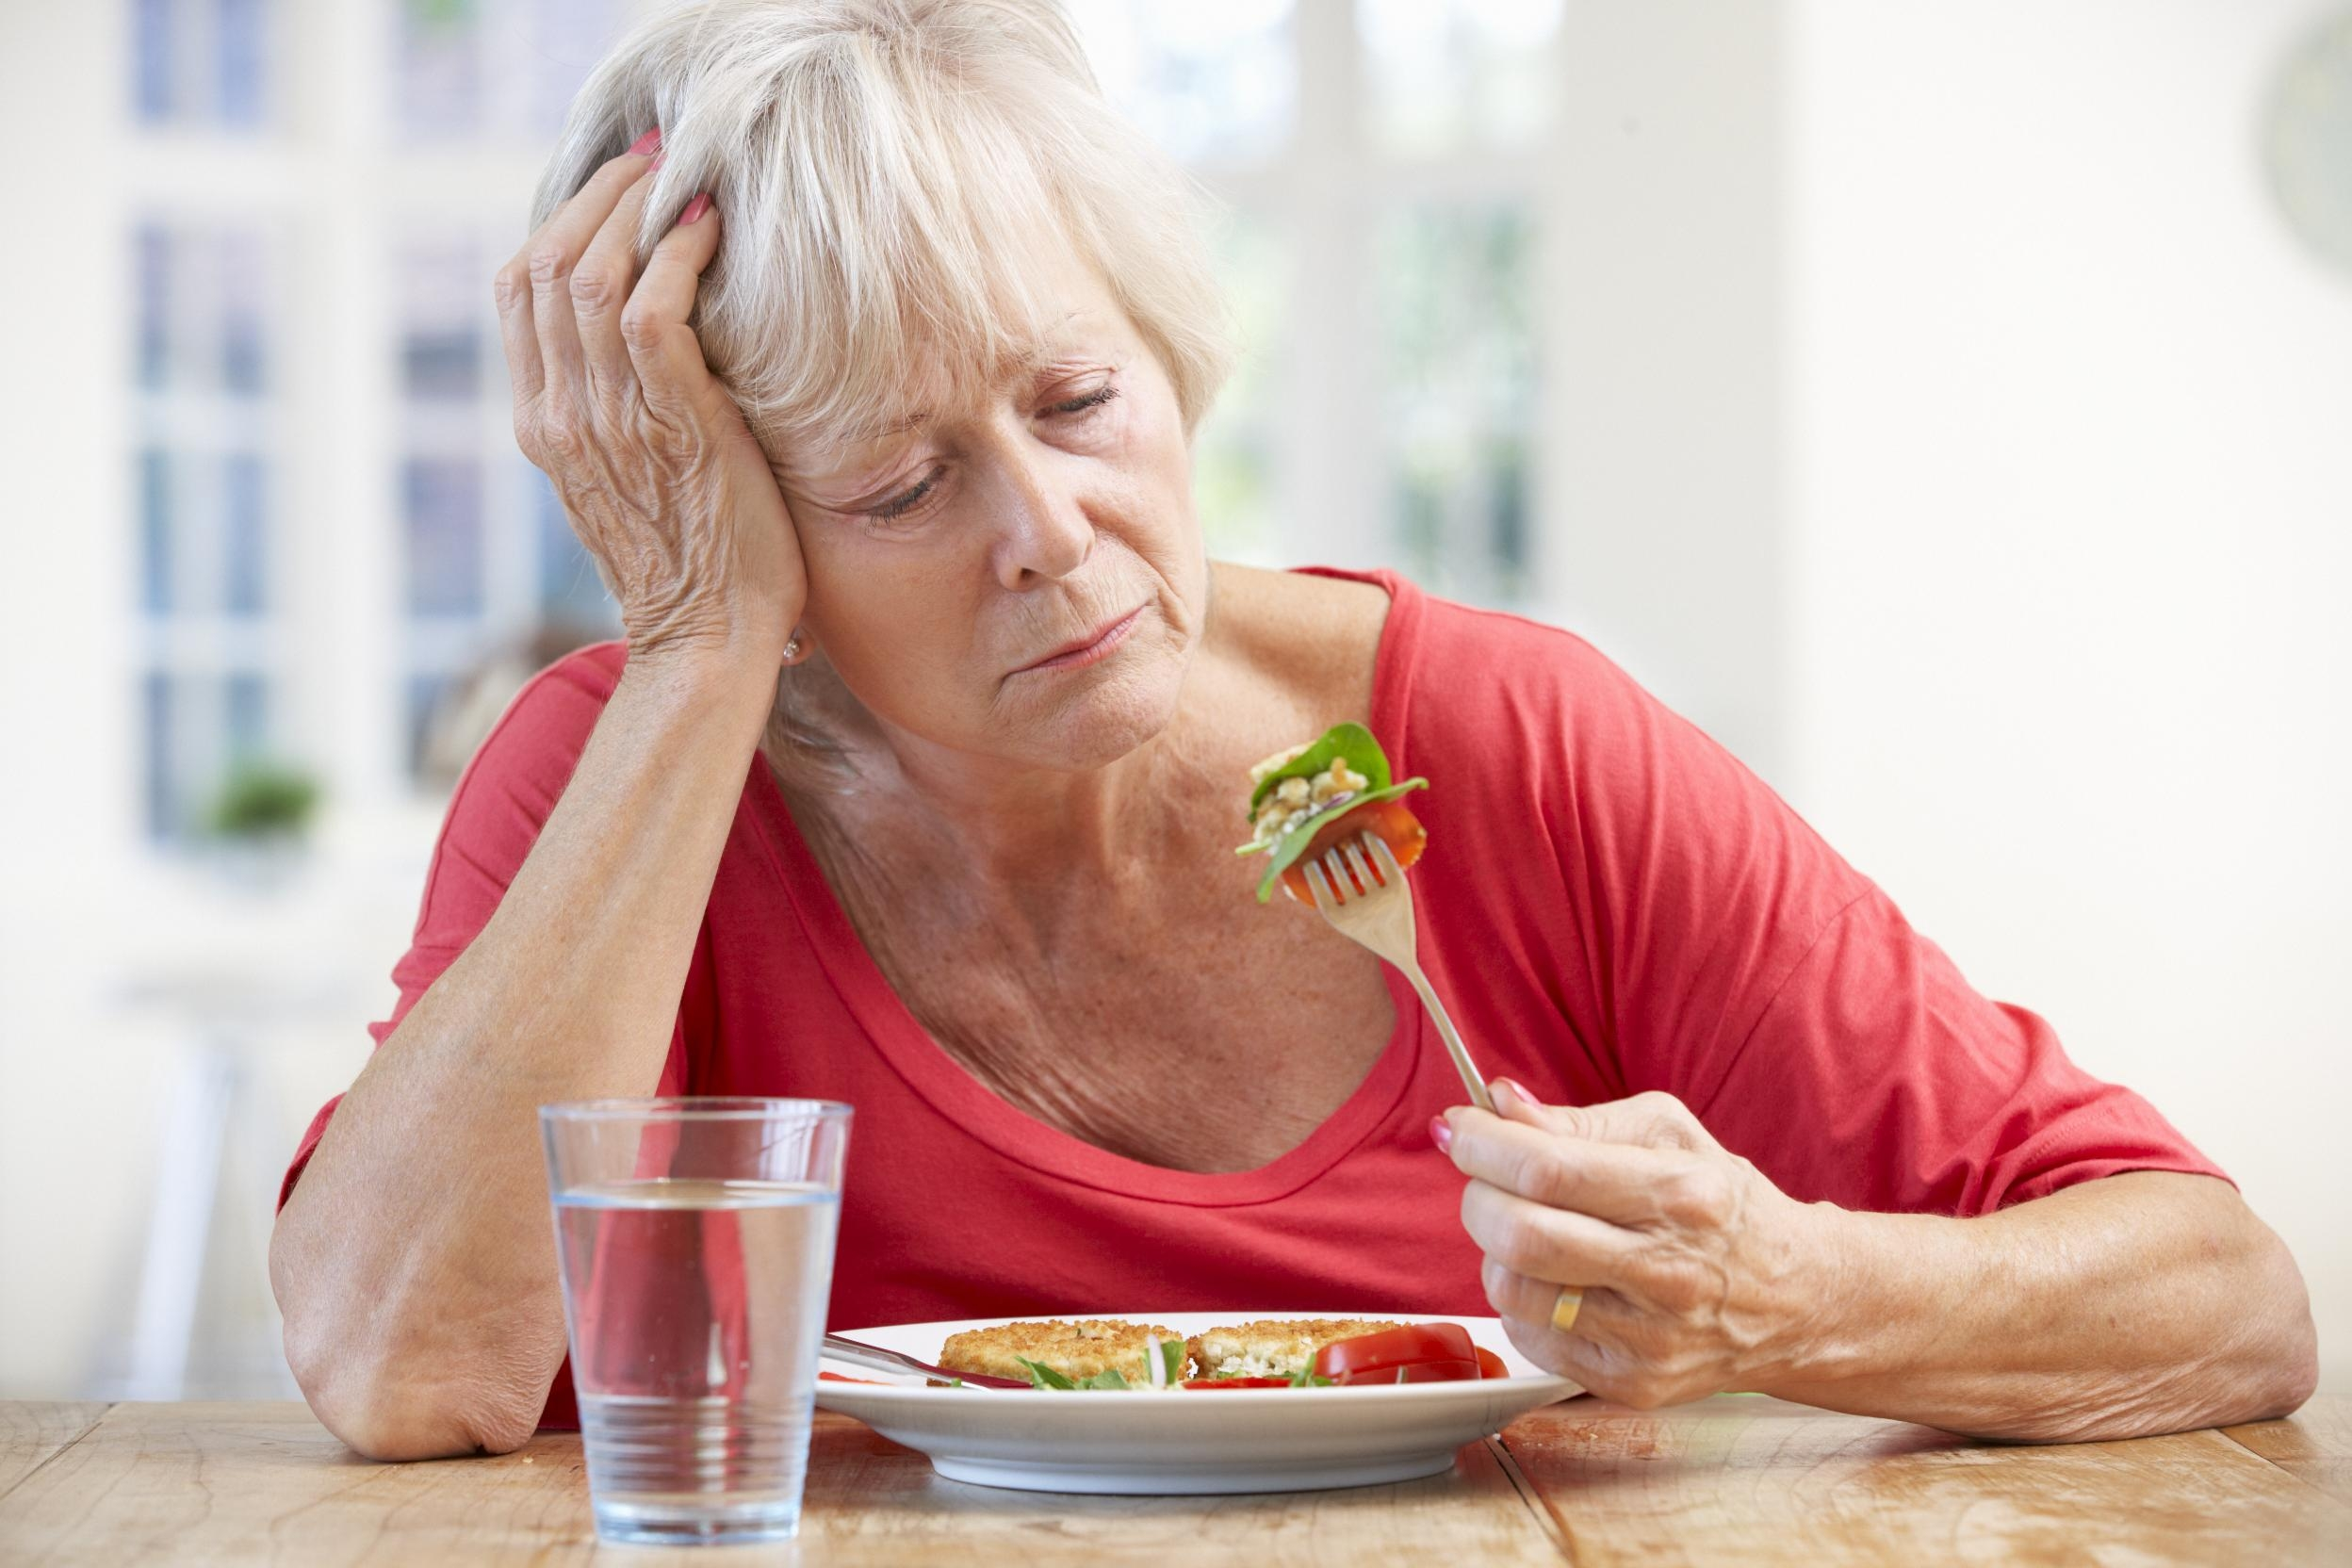 Боль в районе печени и желчного пузыря при гепатите и снижение аппетита